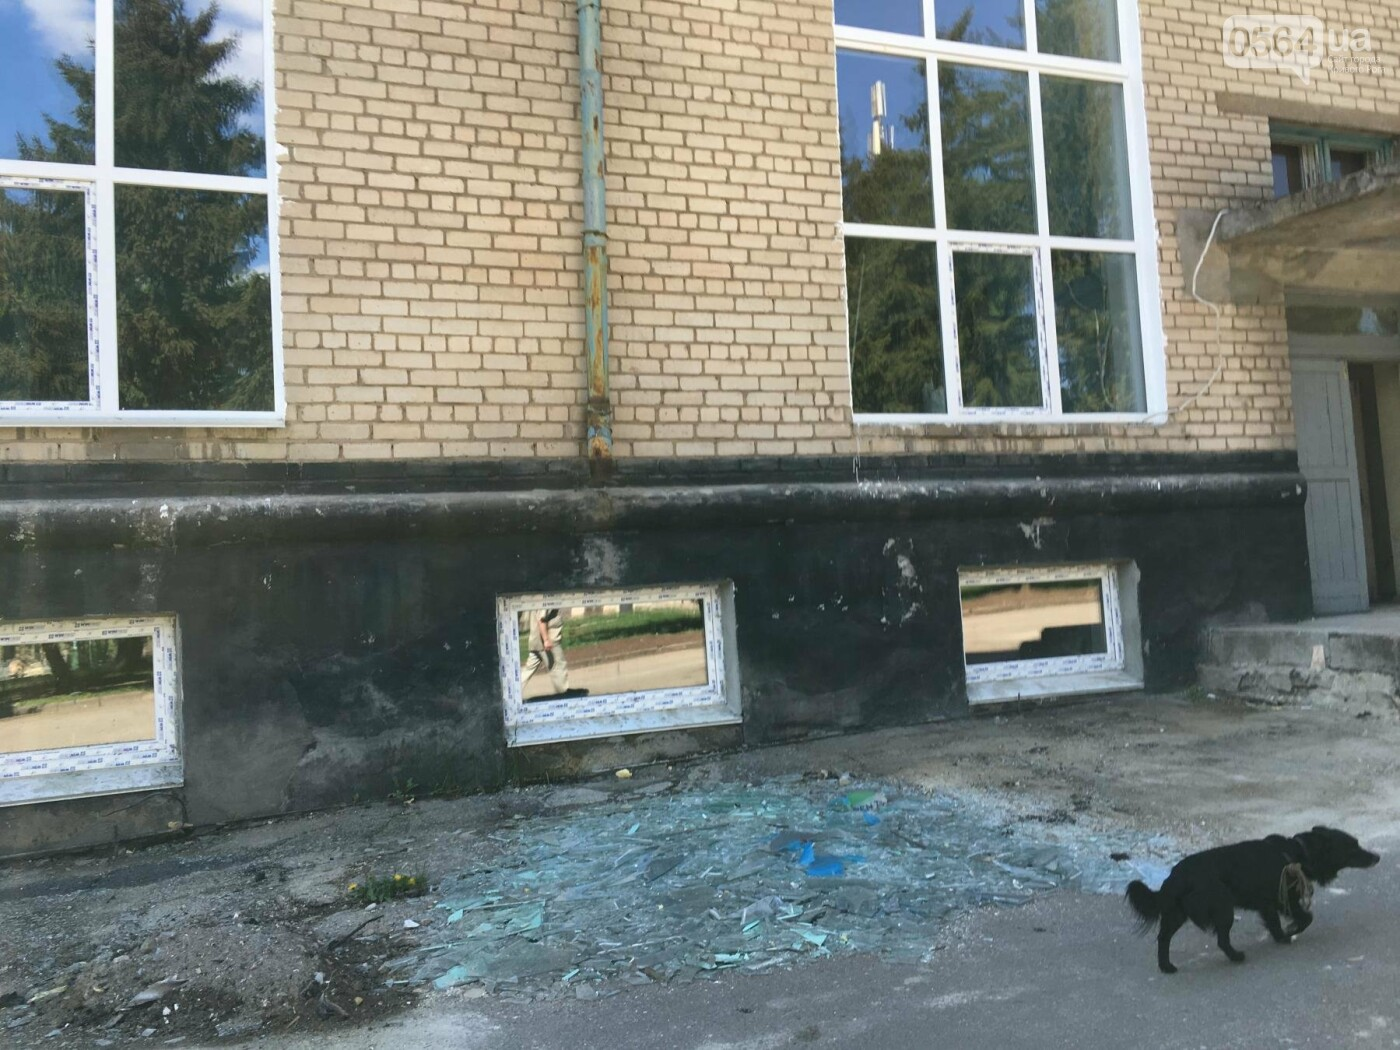 В Кривом Роге перед Дворцом культуры убрали остатки памятника Ленину (ФОТО), фото-7